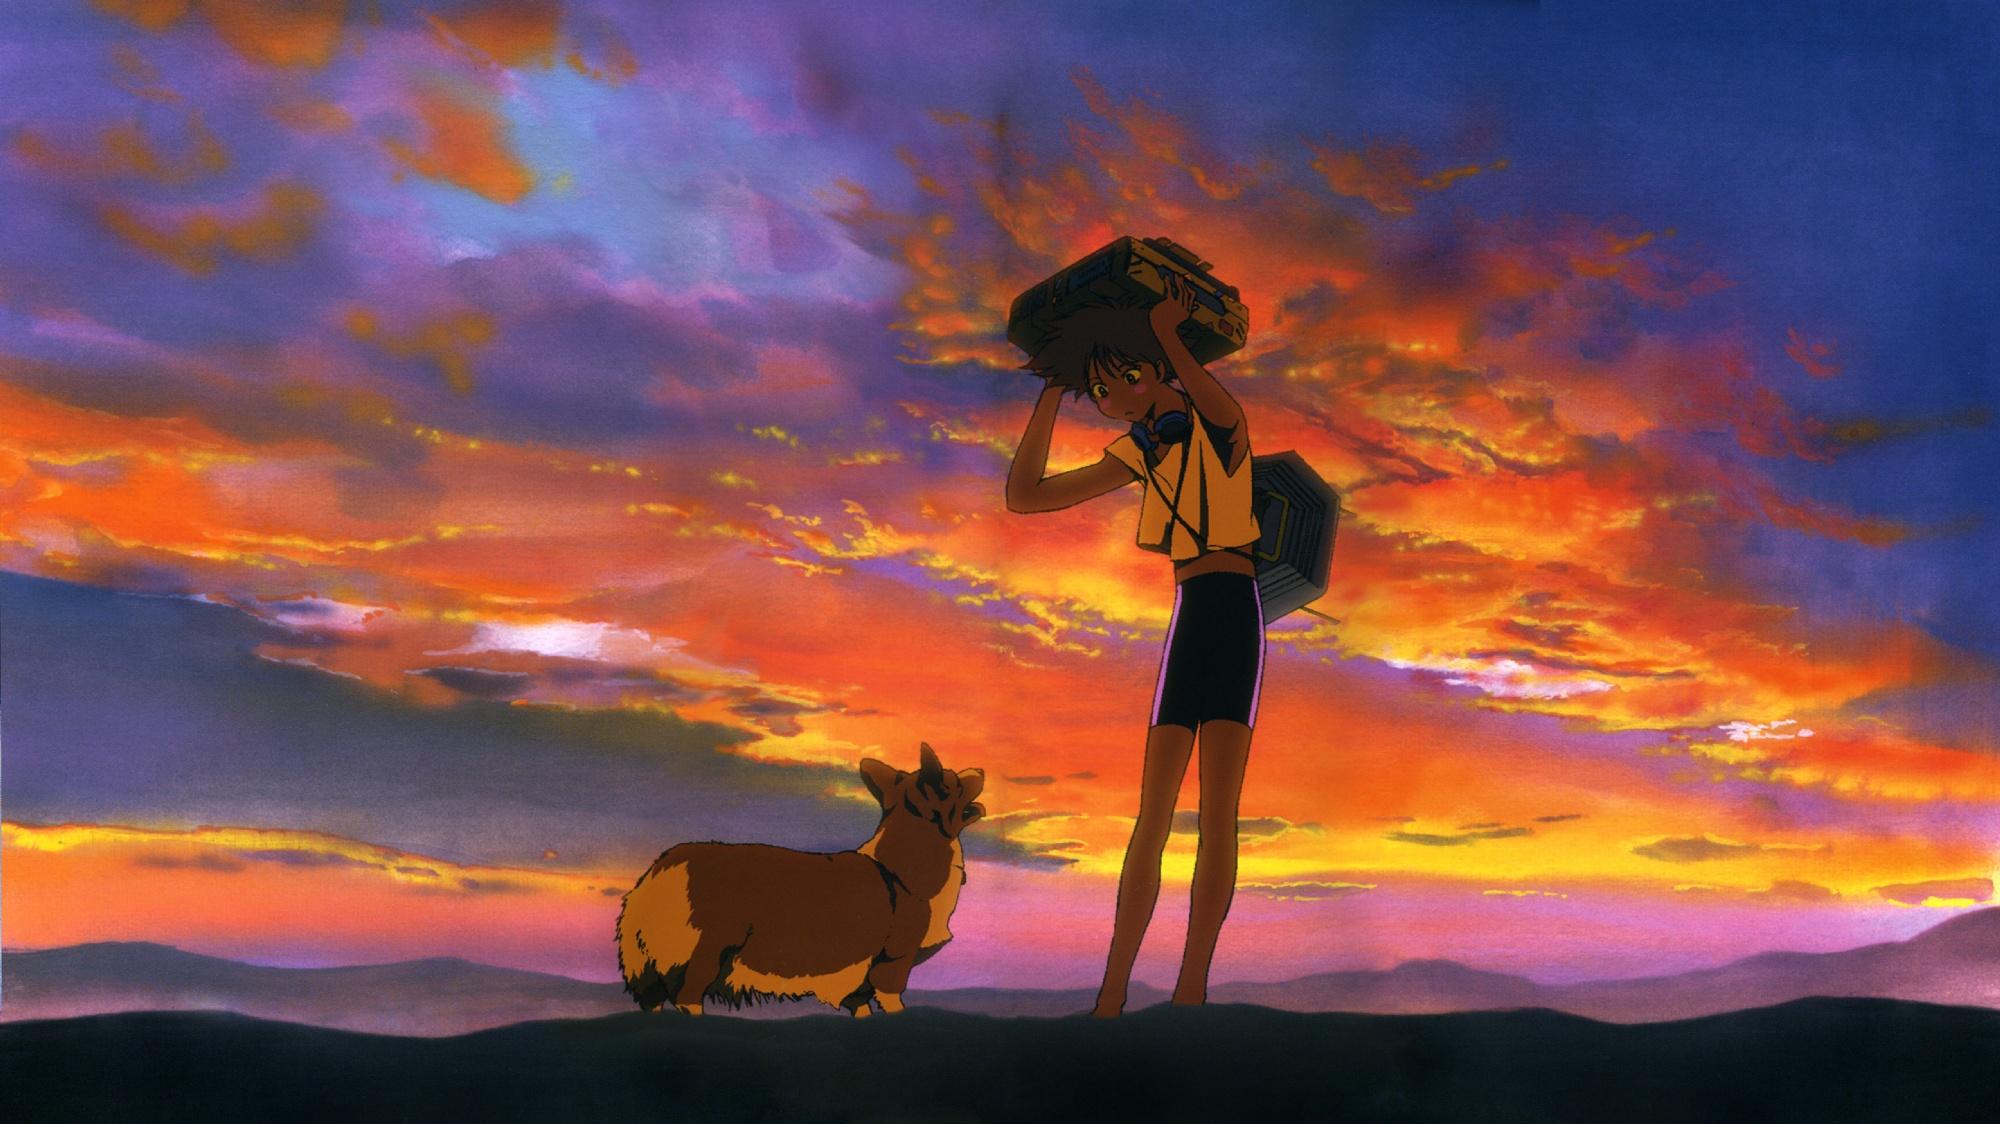 Best Wallpaper Movie Cowboy Bebop - Cowboy  Graphic_136882.jpg